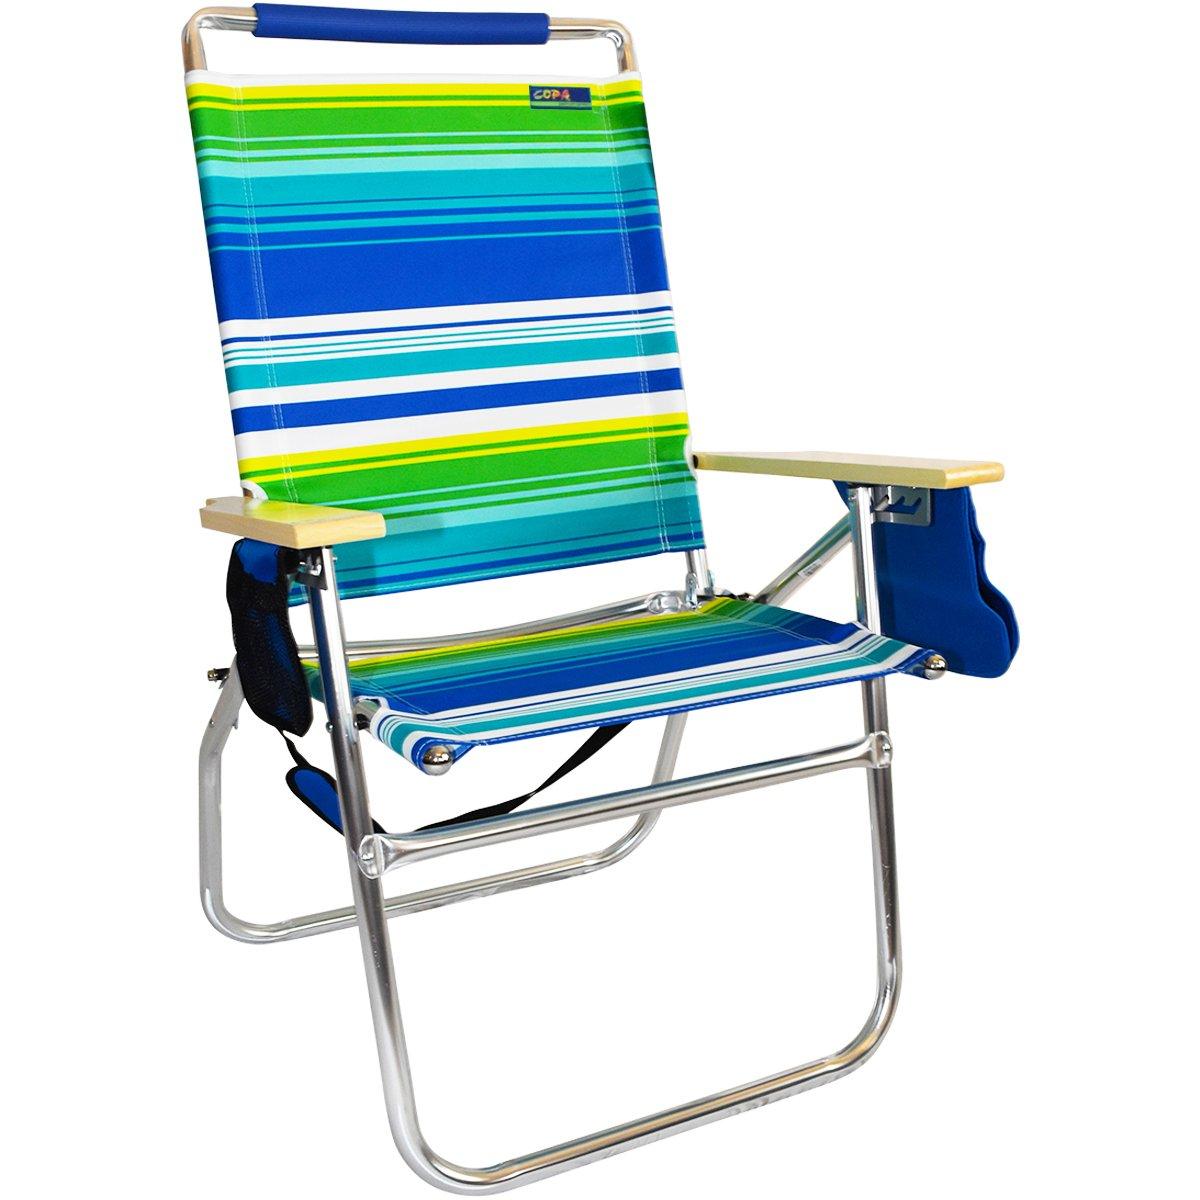 最も優遇 Copaビーチ18インチ高SeatビッグTycoonビーチ椅子 B07FC3L7TR B07FC3L7TR, FUTABA:d1f68753 --- casemyway.com